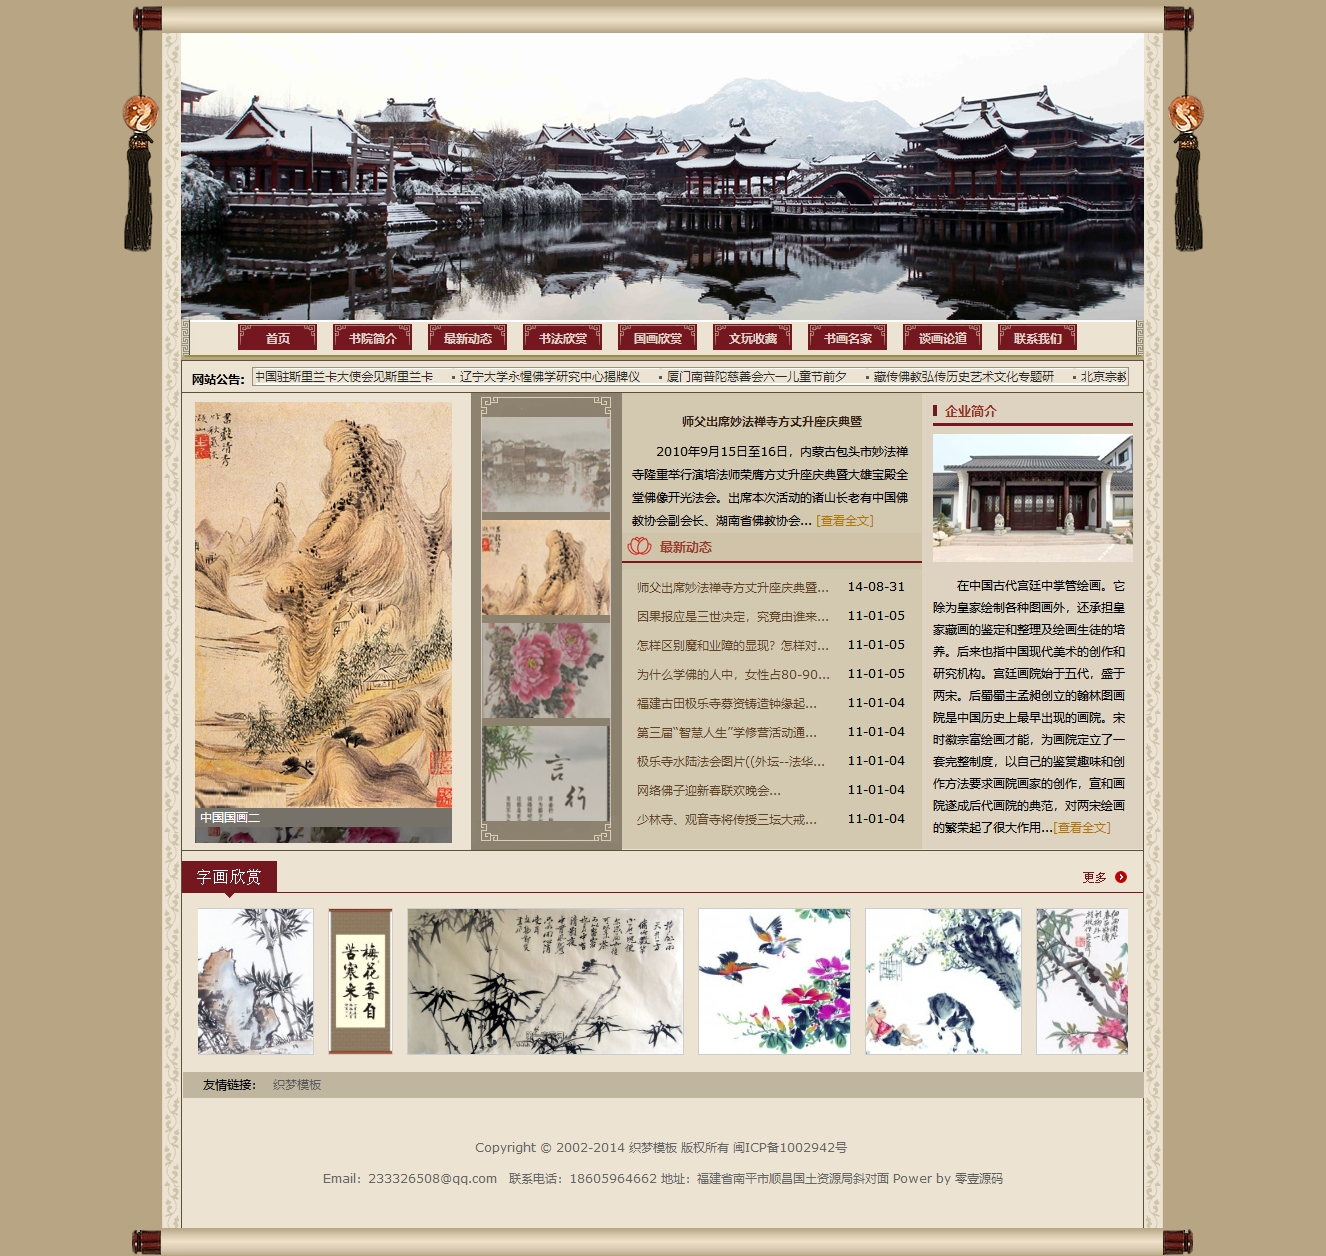 中国风文学校书画艺术古色古香类企业网站织梦dedecms模板